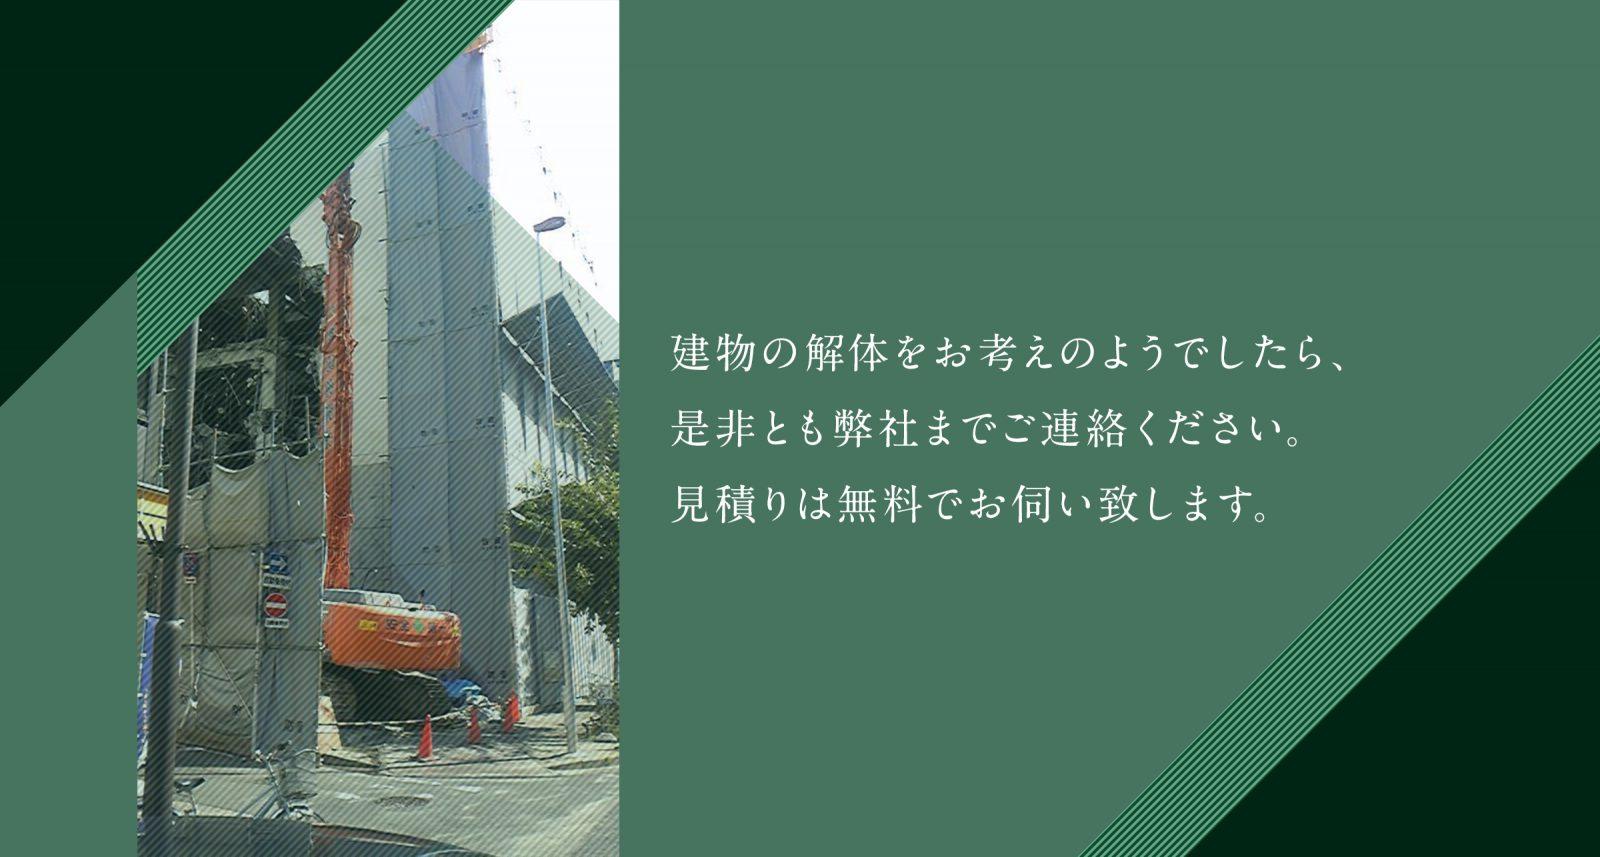 建物の解体をお考えのようでしたら、 是非とも弊社までご連絡ください。 見積りは無料でお伺い致します。